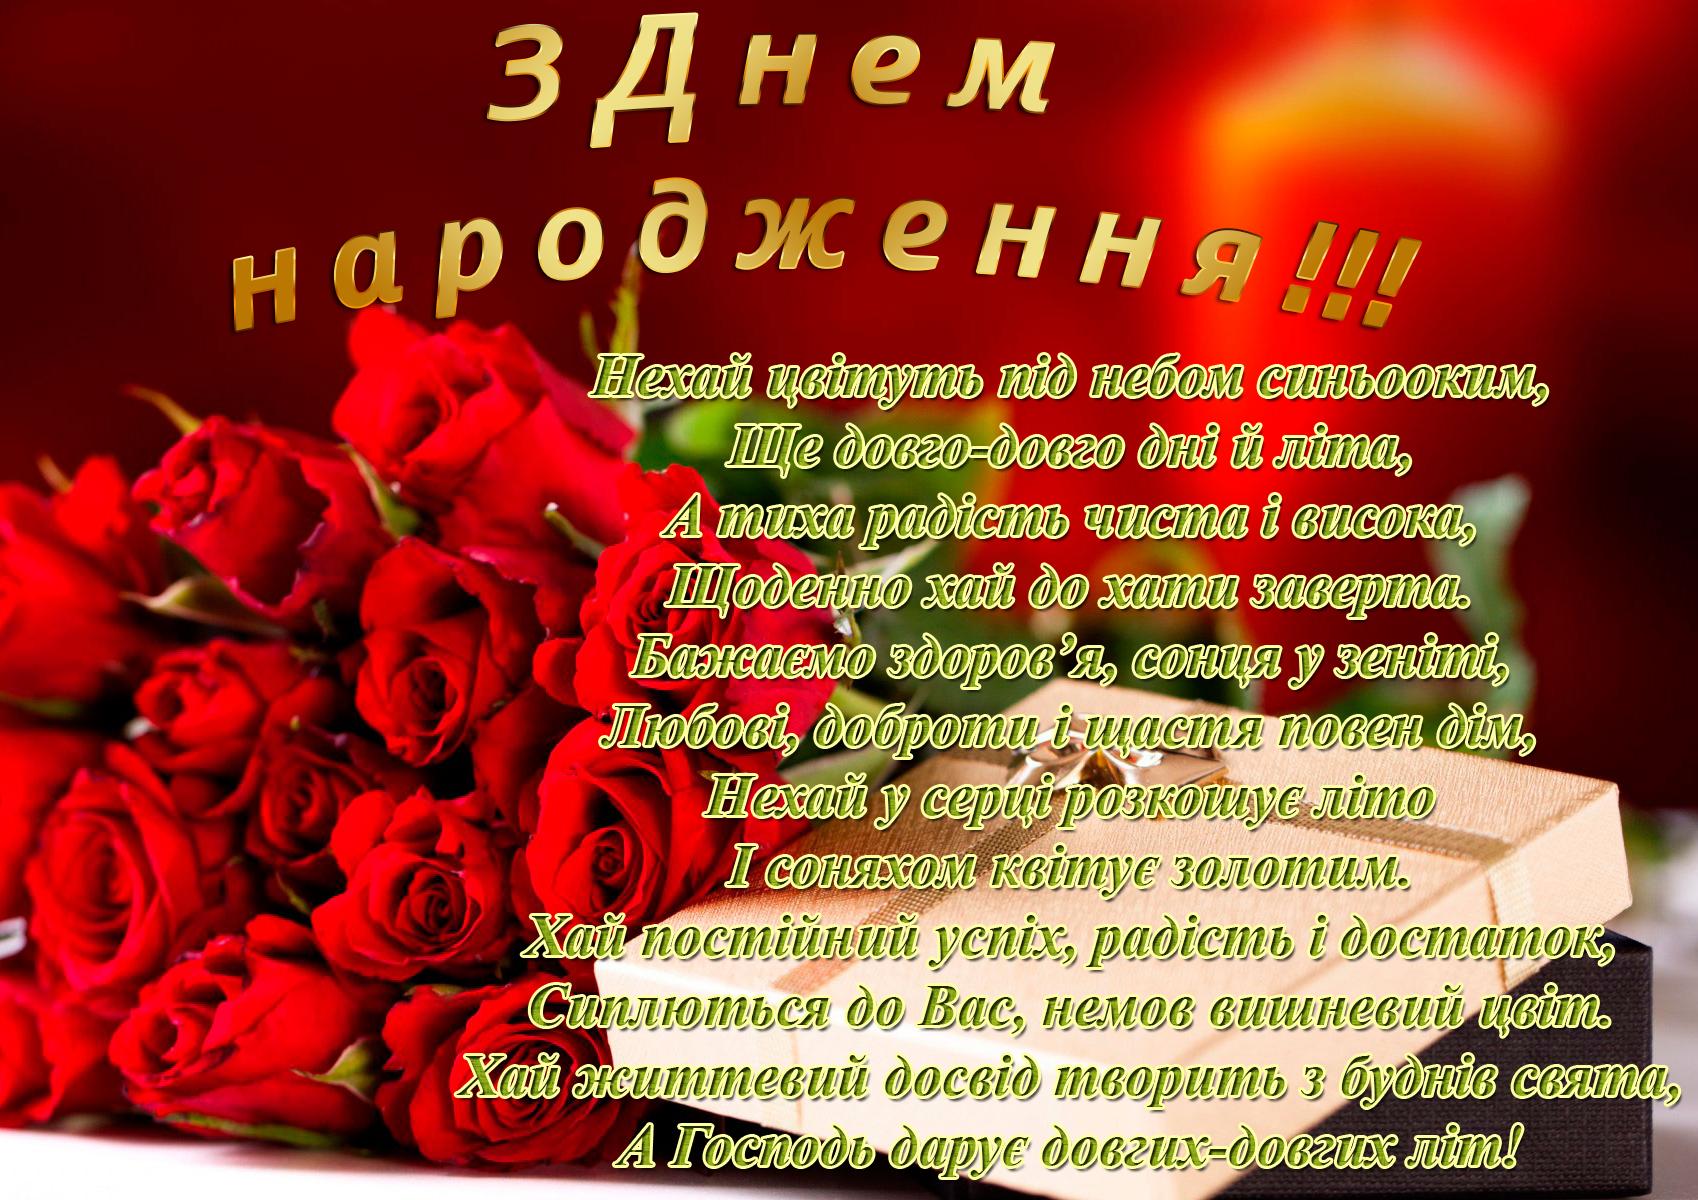 Побажання на день народження (укранською мовою) - Поздравок 11